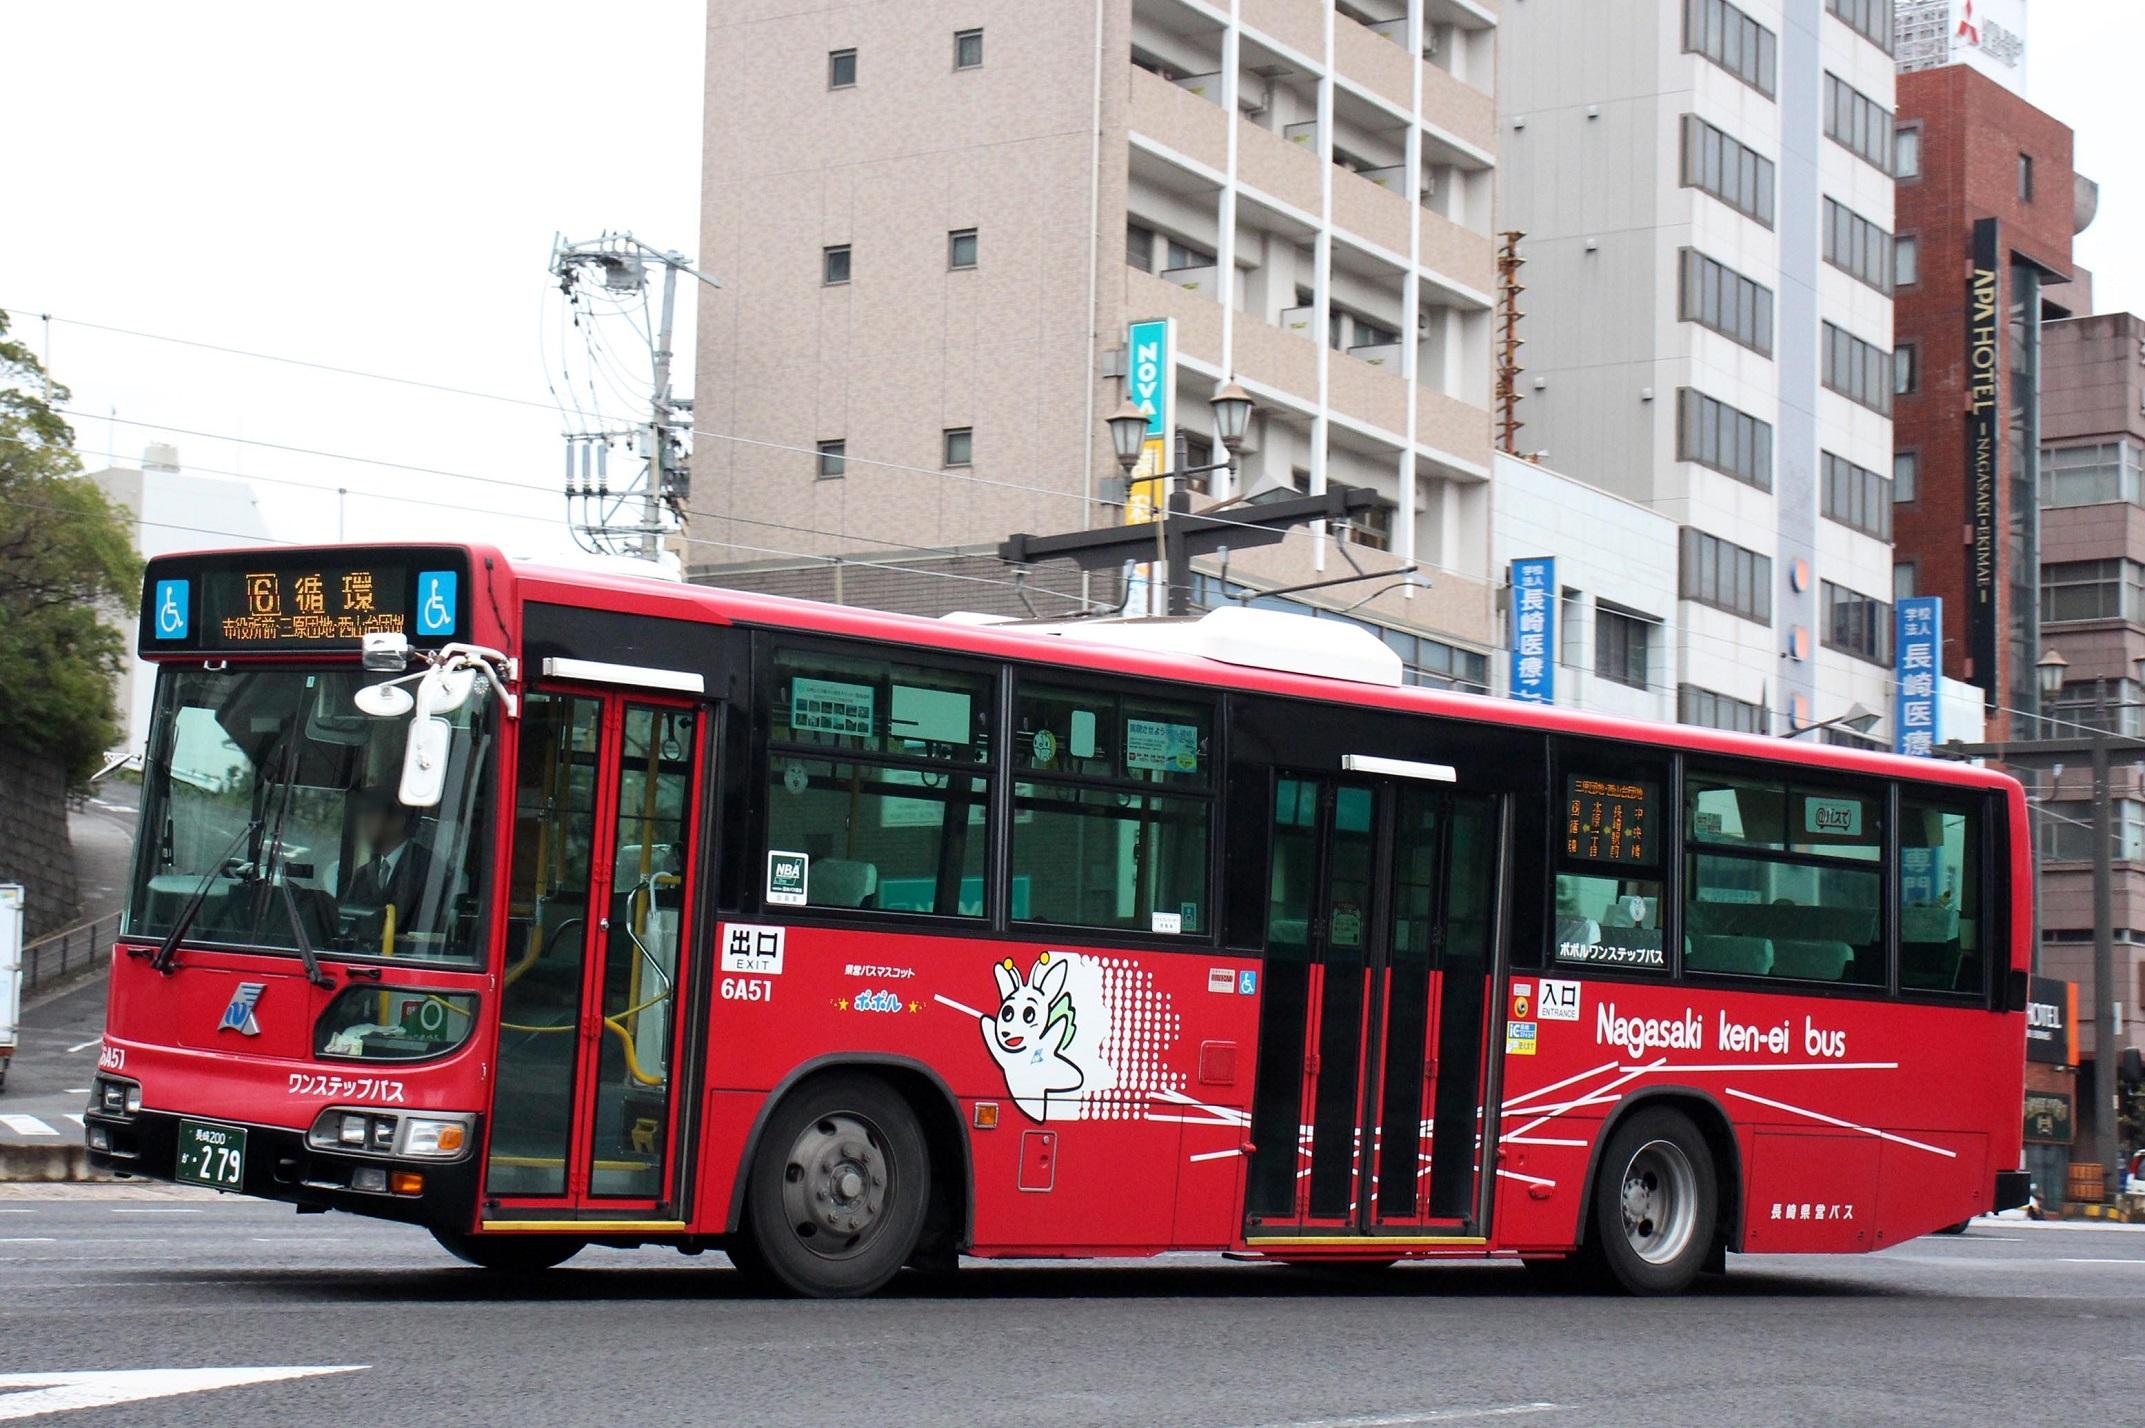 長崎県交通局 6A51